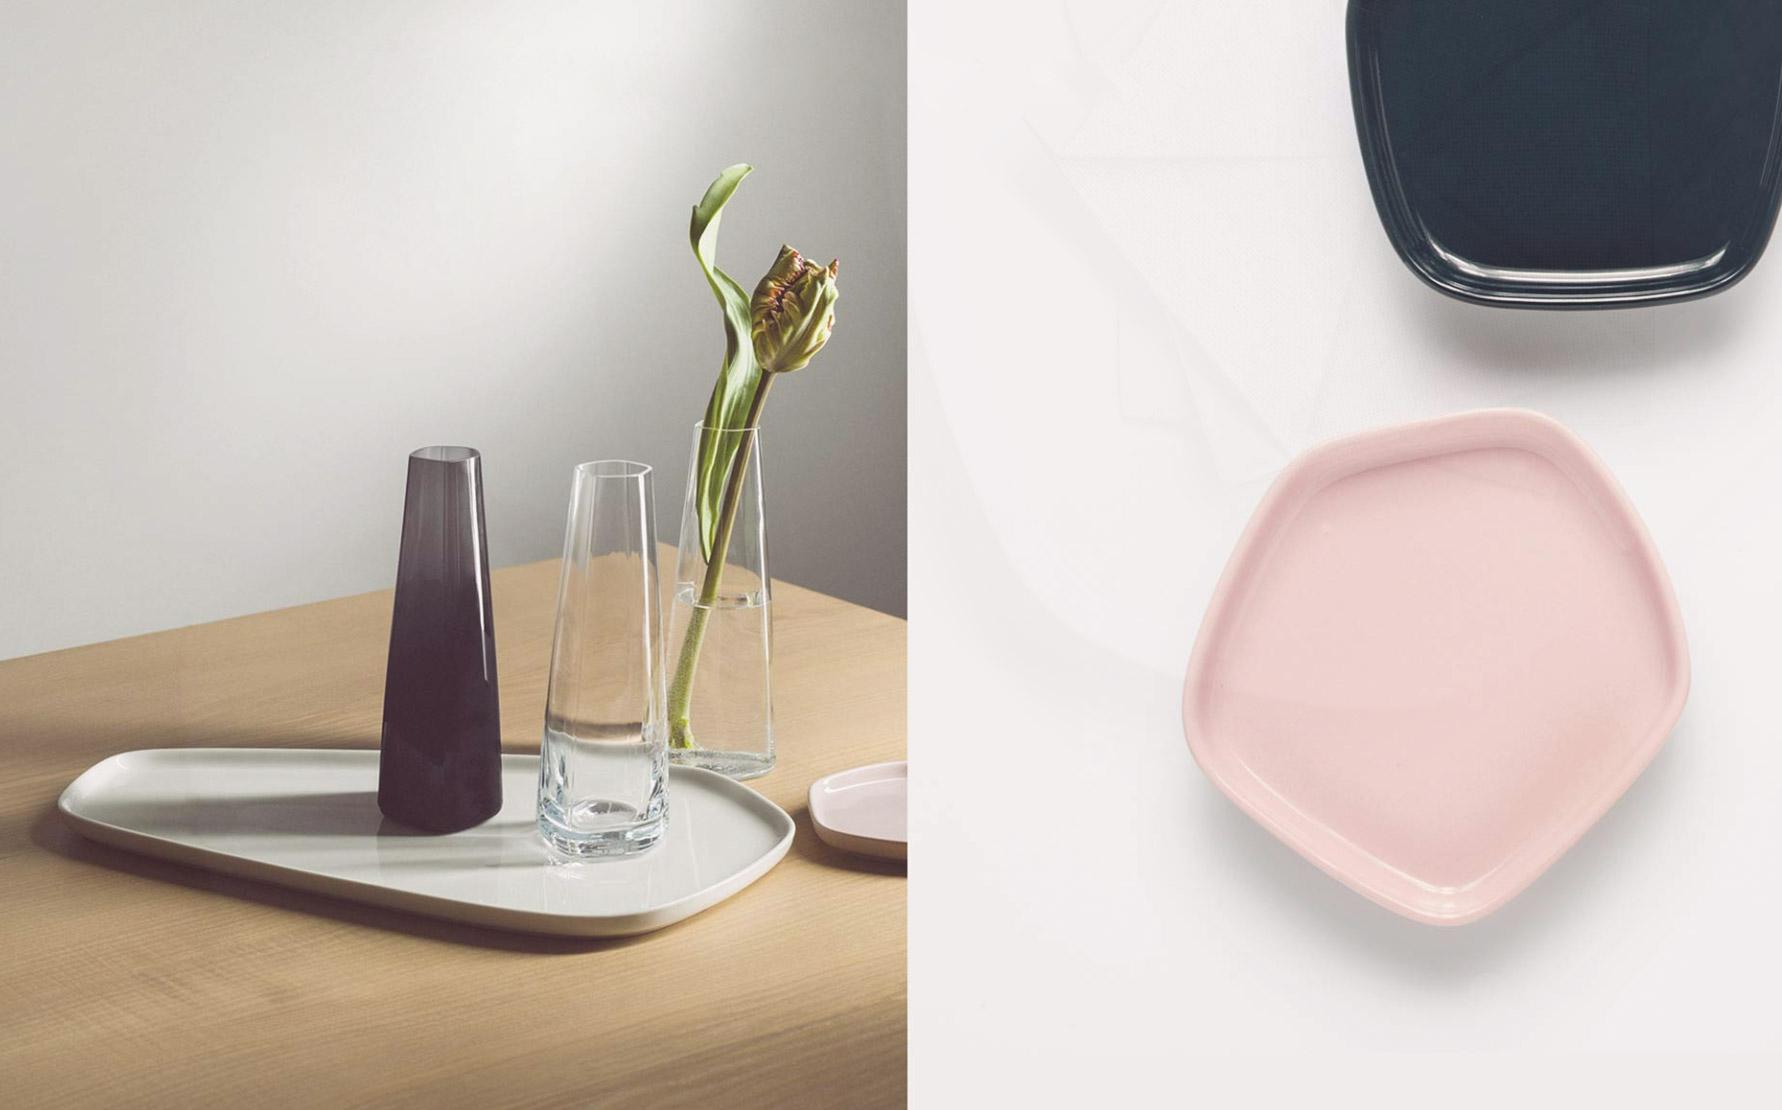 Pause for Harmony, un proyecto de diseño colaborativo entre Iittala e Issey Miyake.